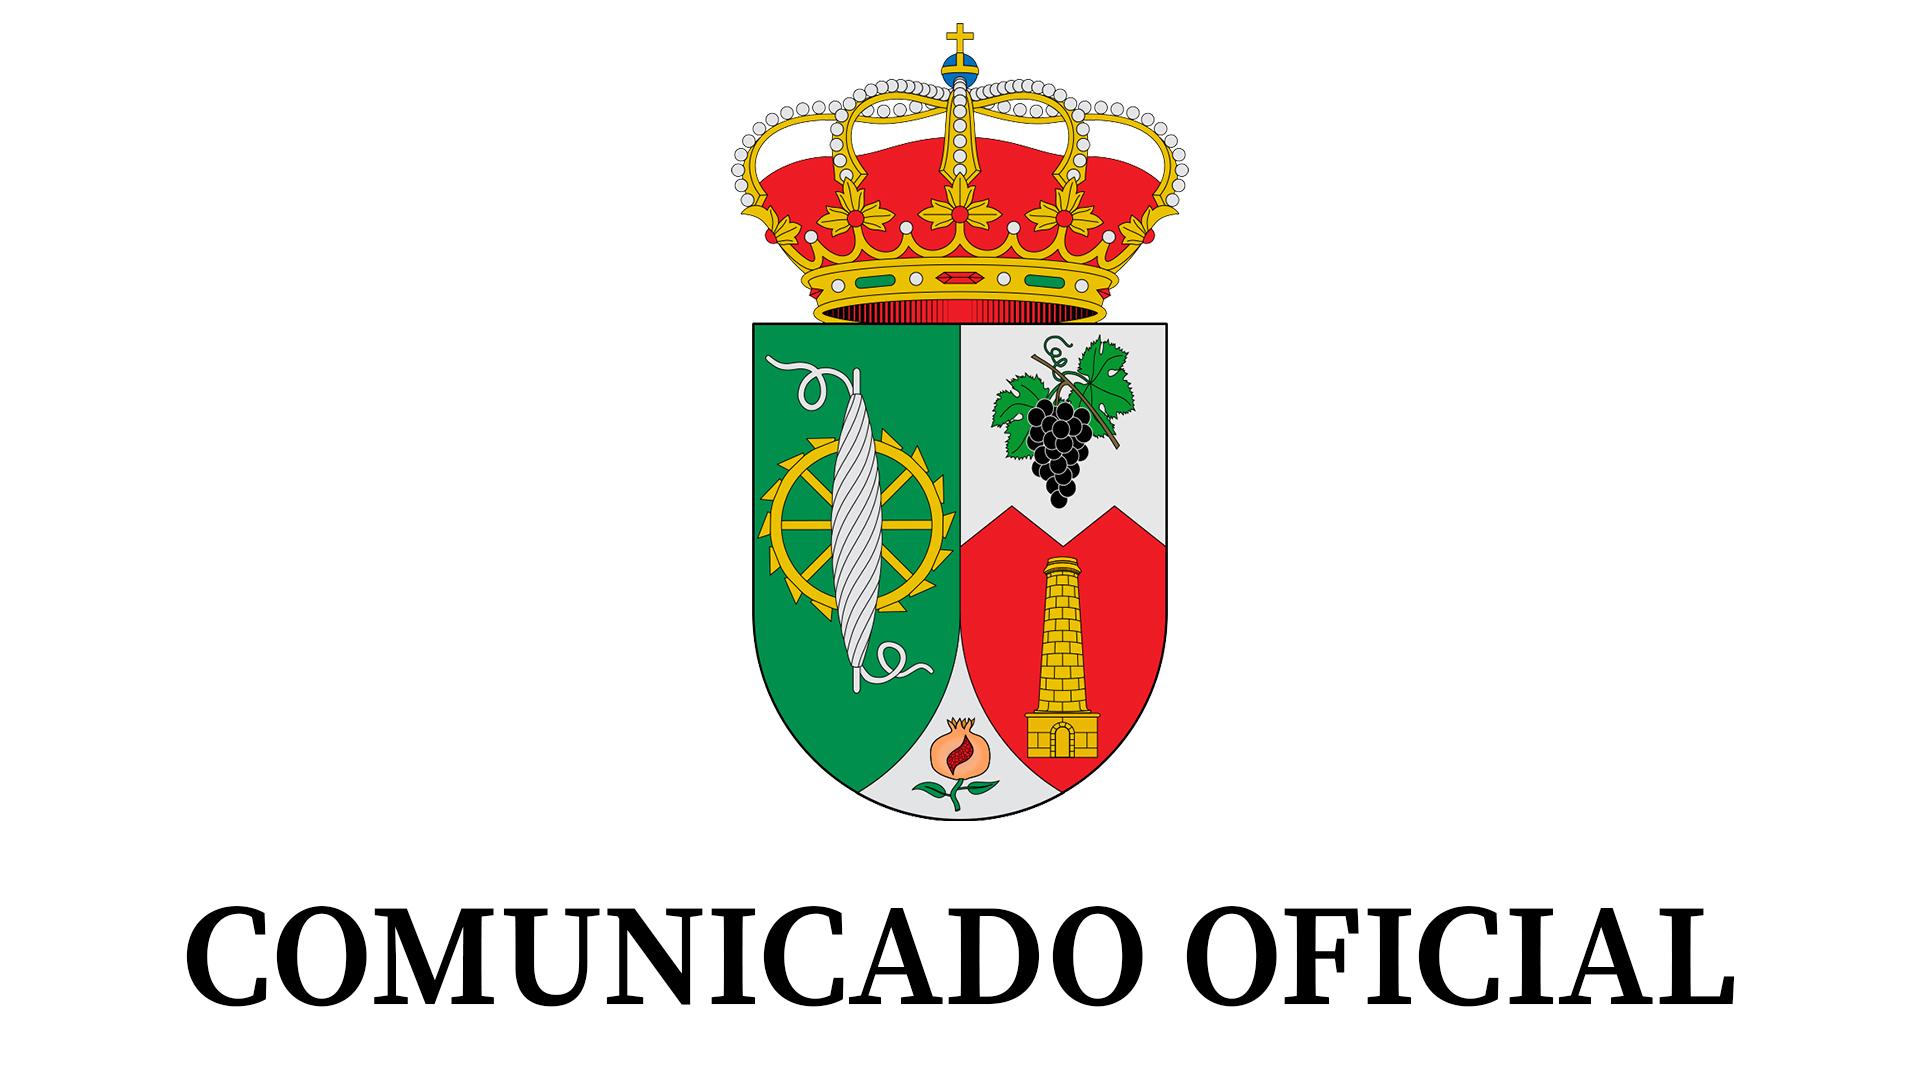 Logotipo comunicado oficial